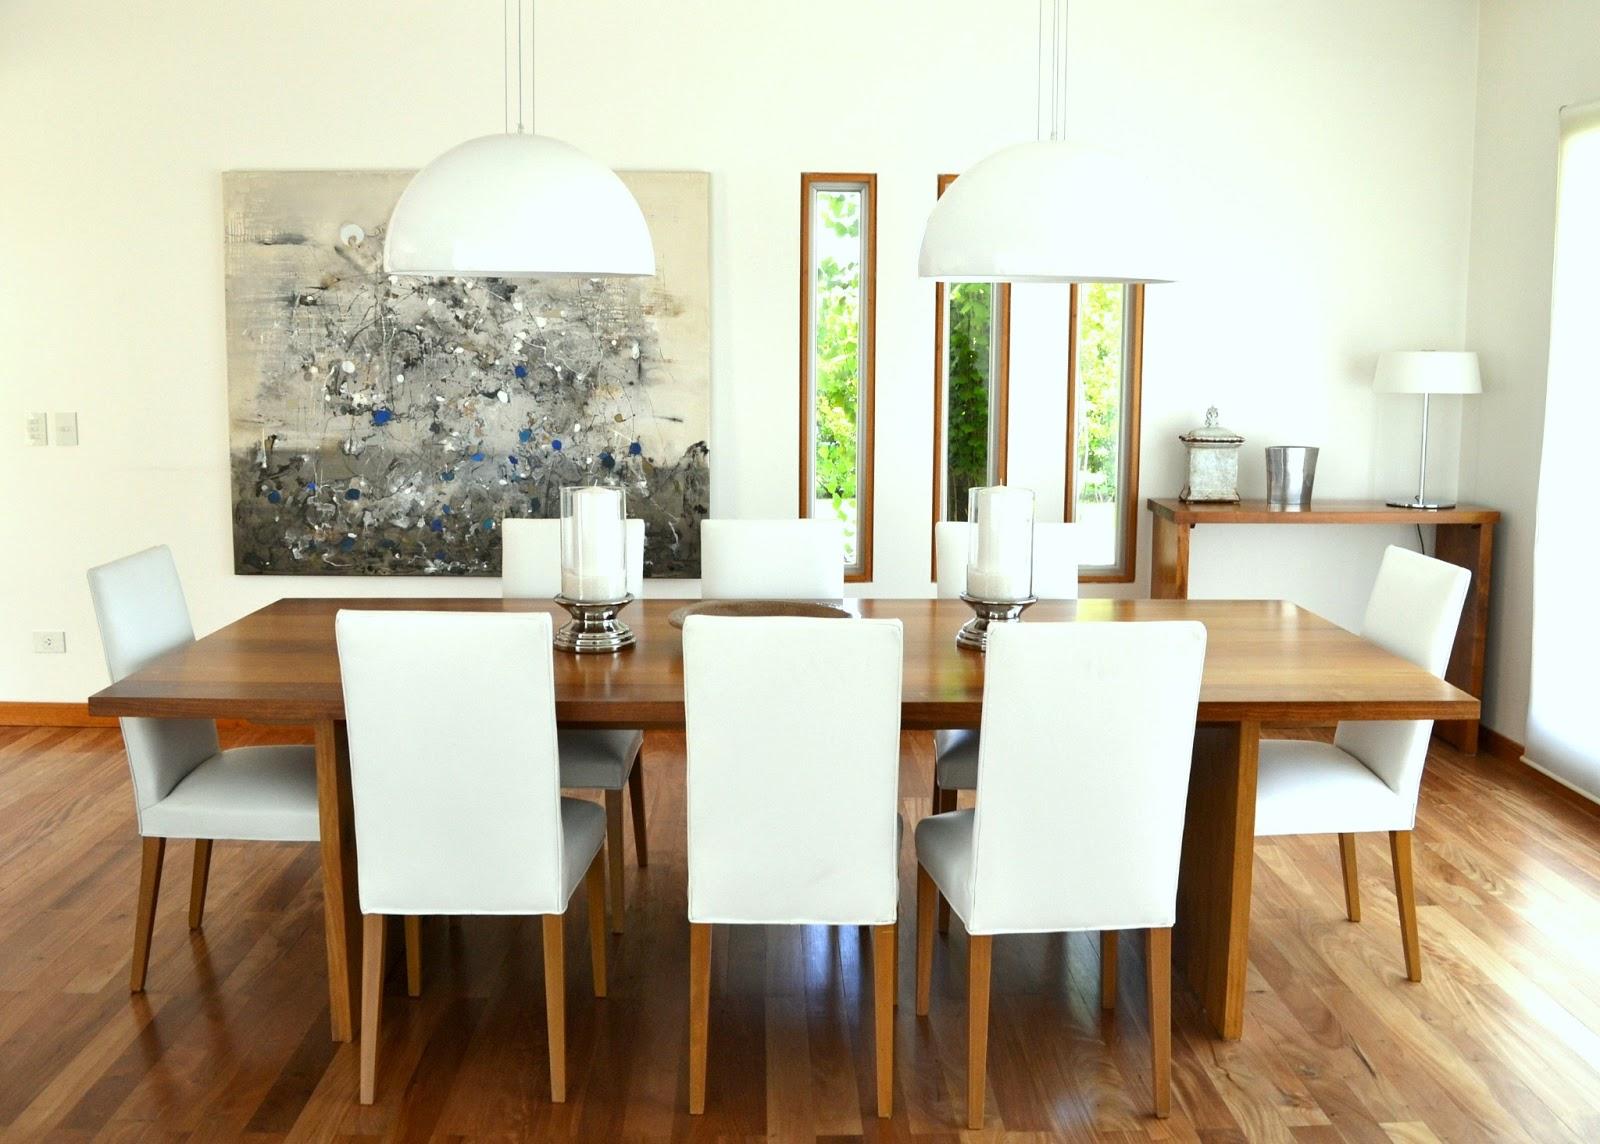 Estudio dulce cattaneo dise o de interiores proyecto for Diseno living comedor